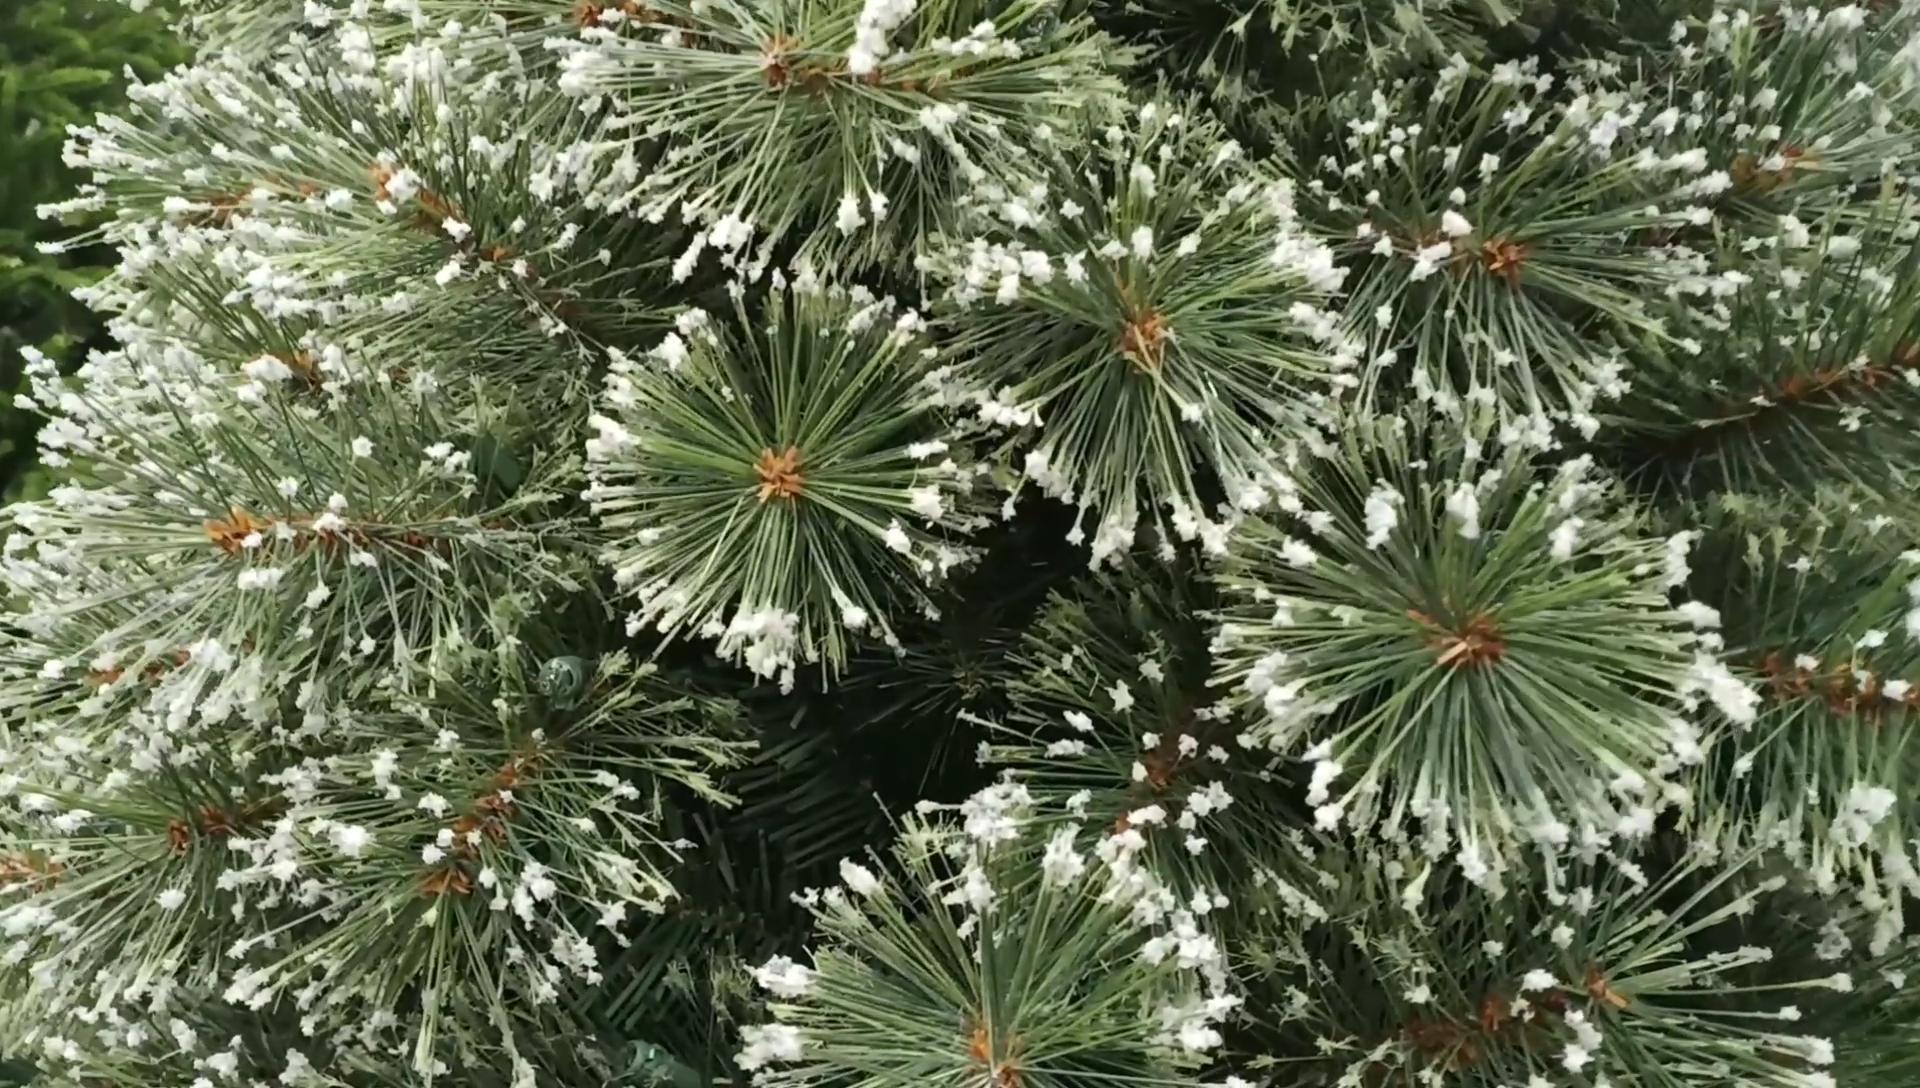 Künstliche Plastik kiefern nadeln Ast für die Herstellung von Weihnachts baum